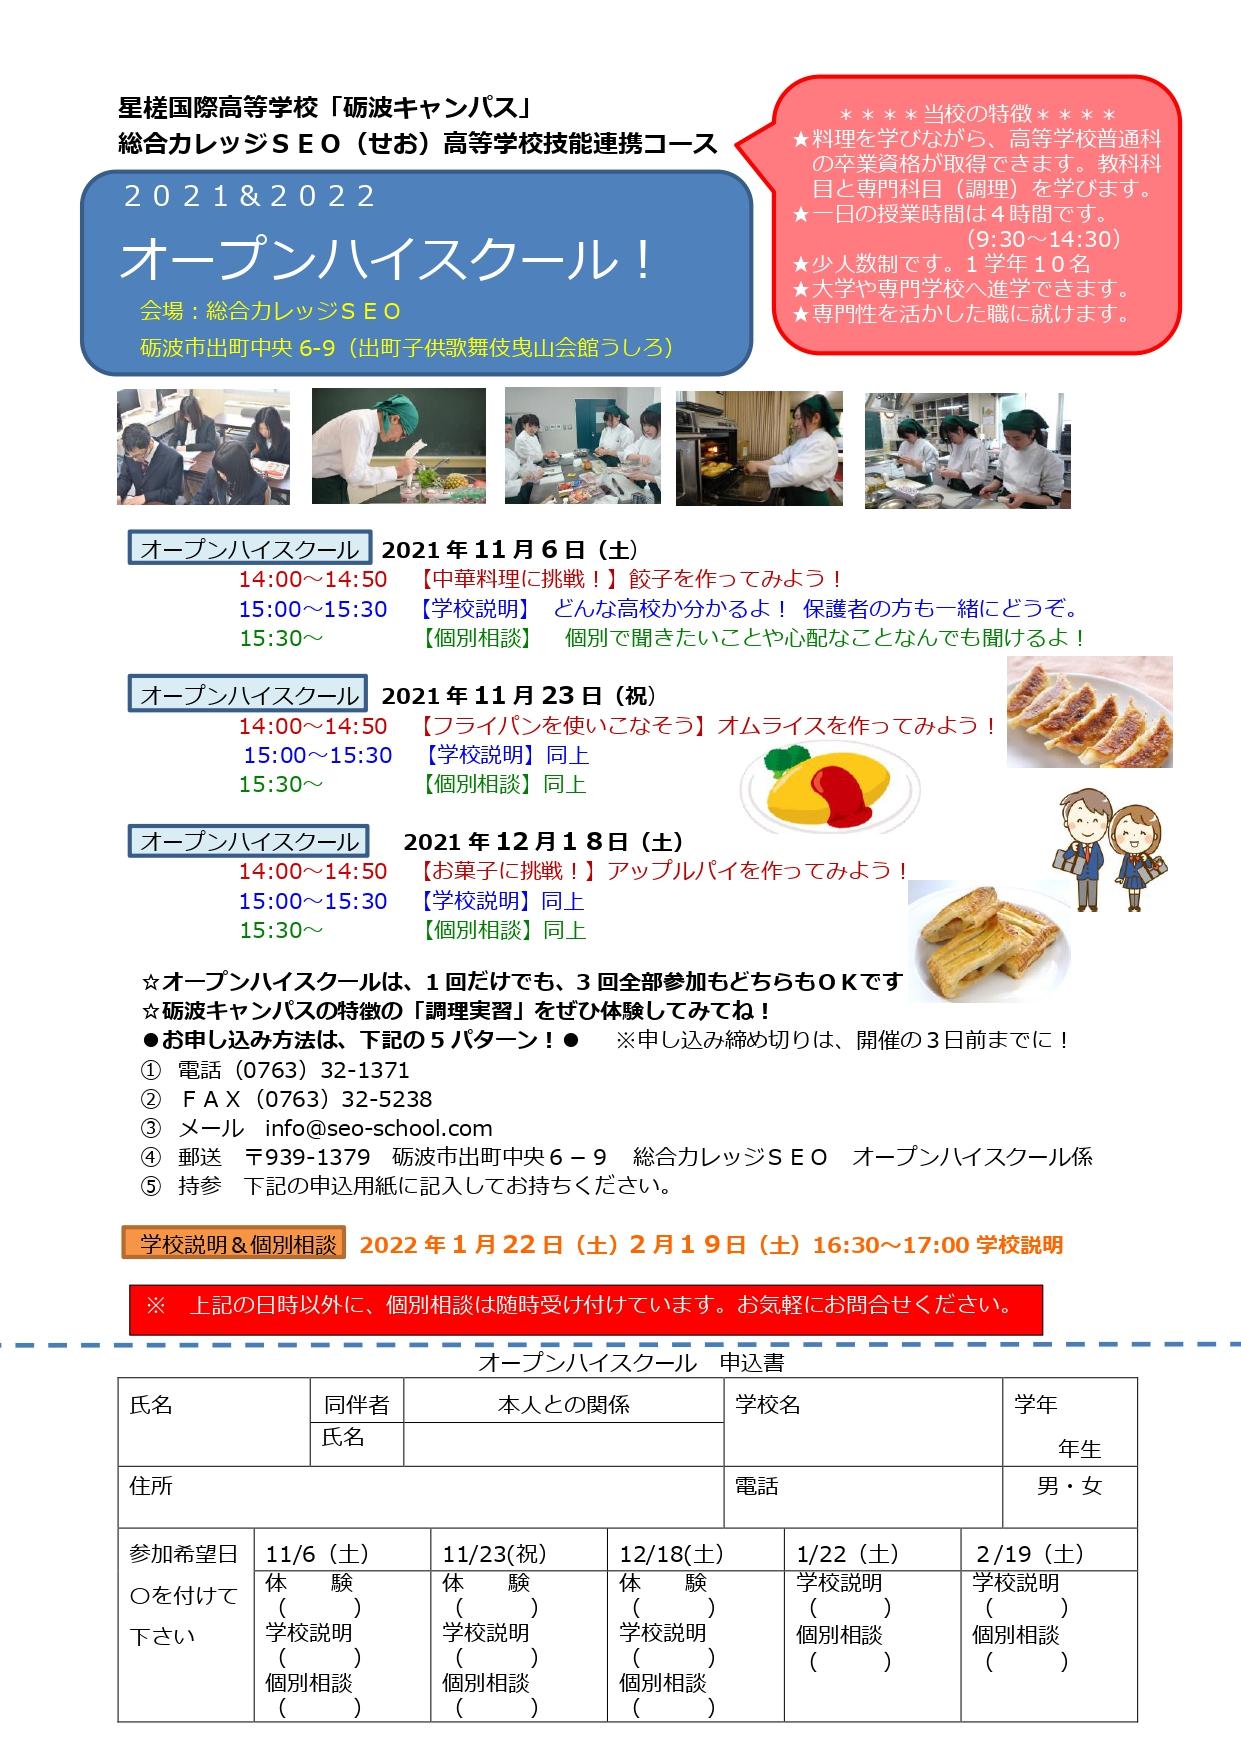 星槎国際高等学校オープンハイスクール2021.11~2022.2docx_page-0001 (1)